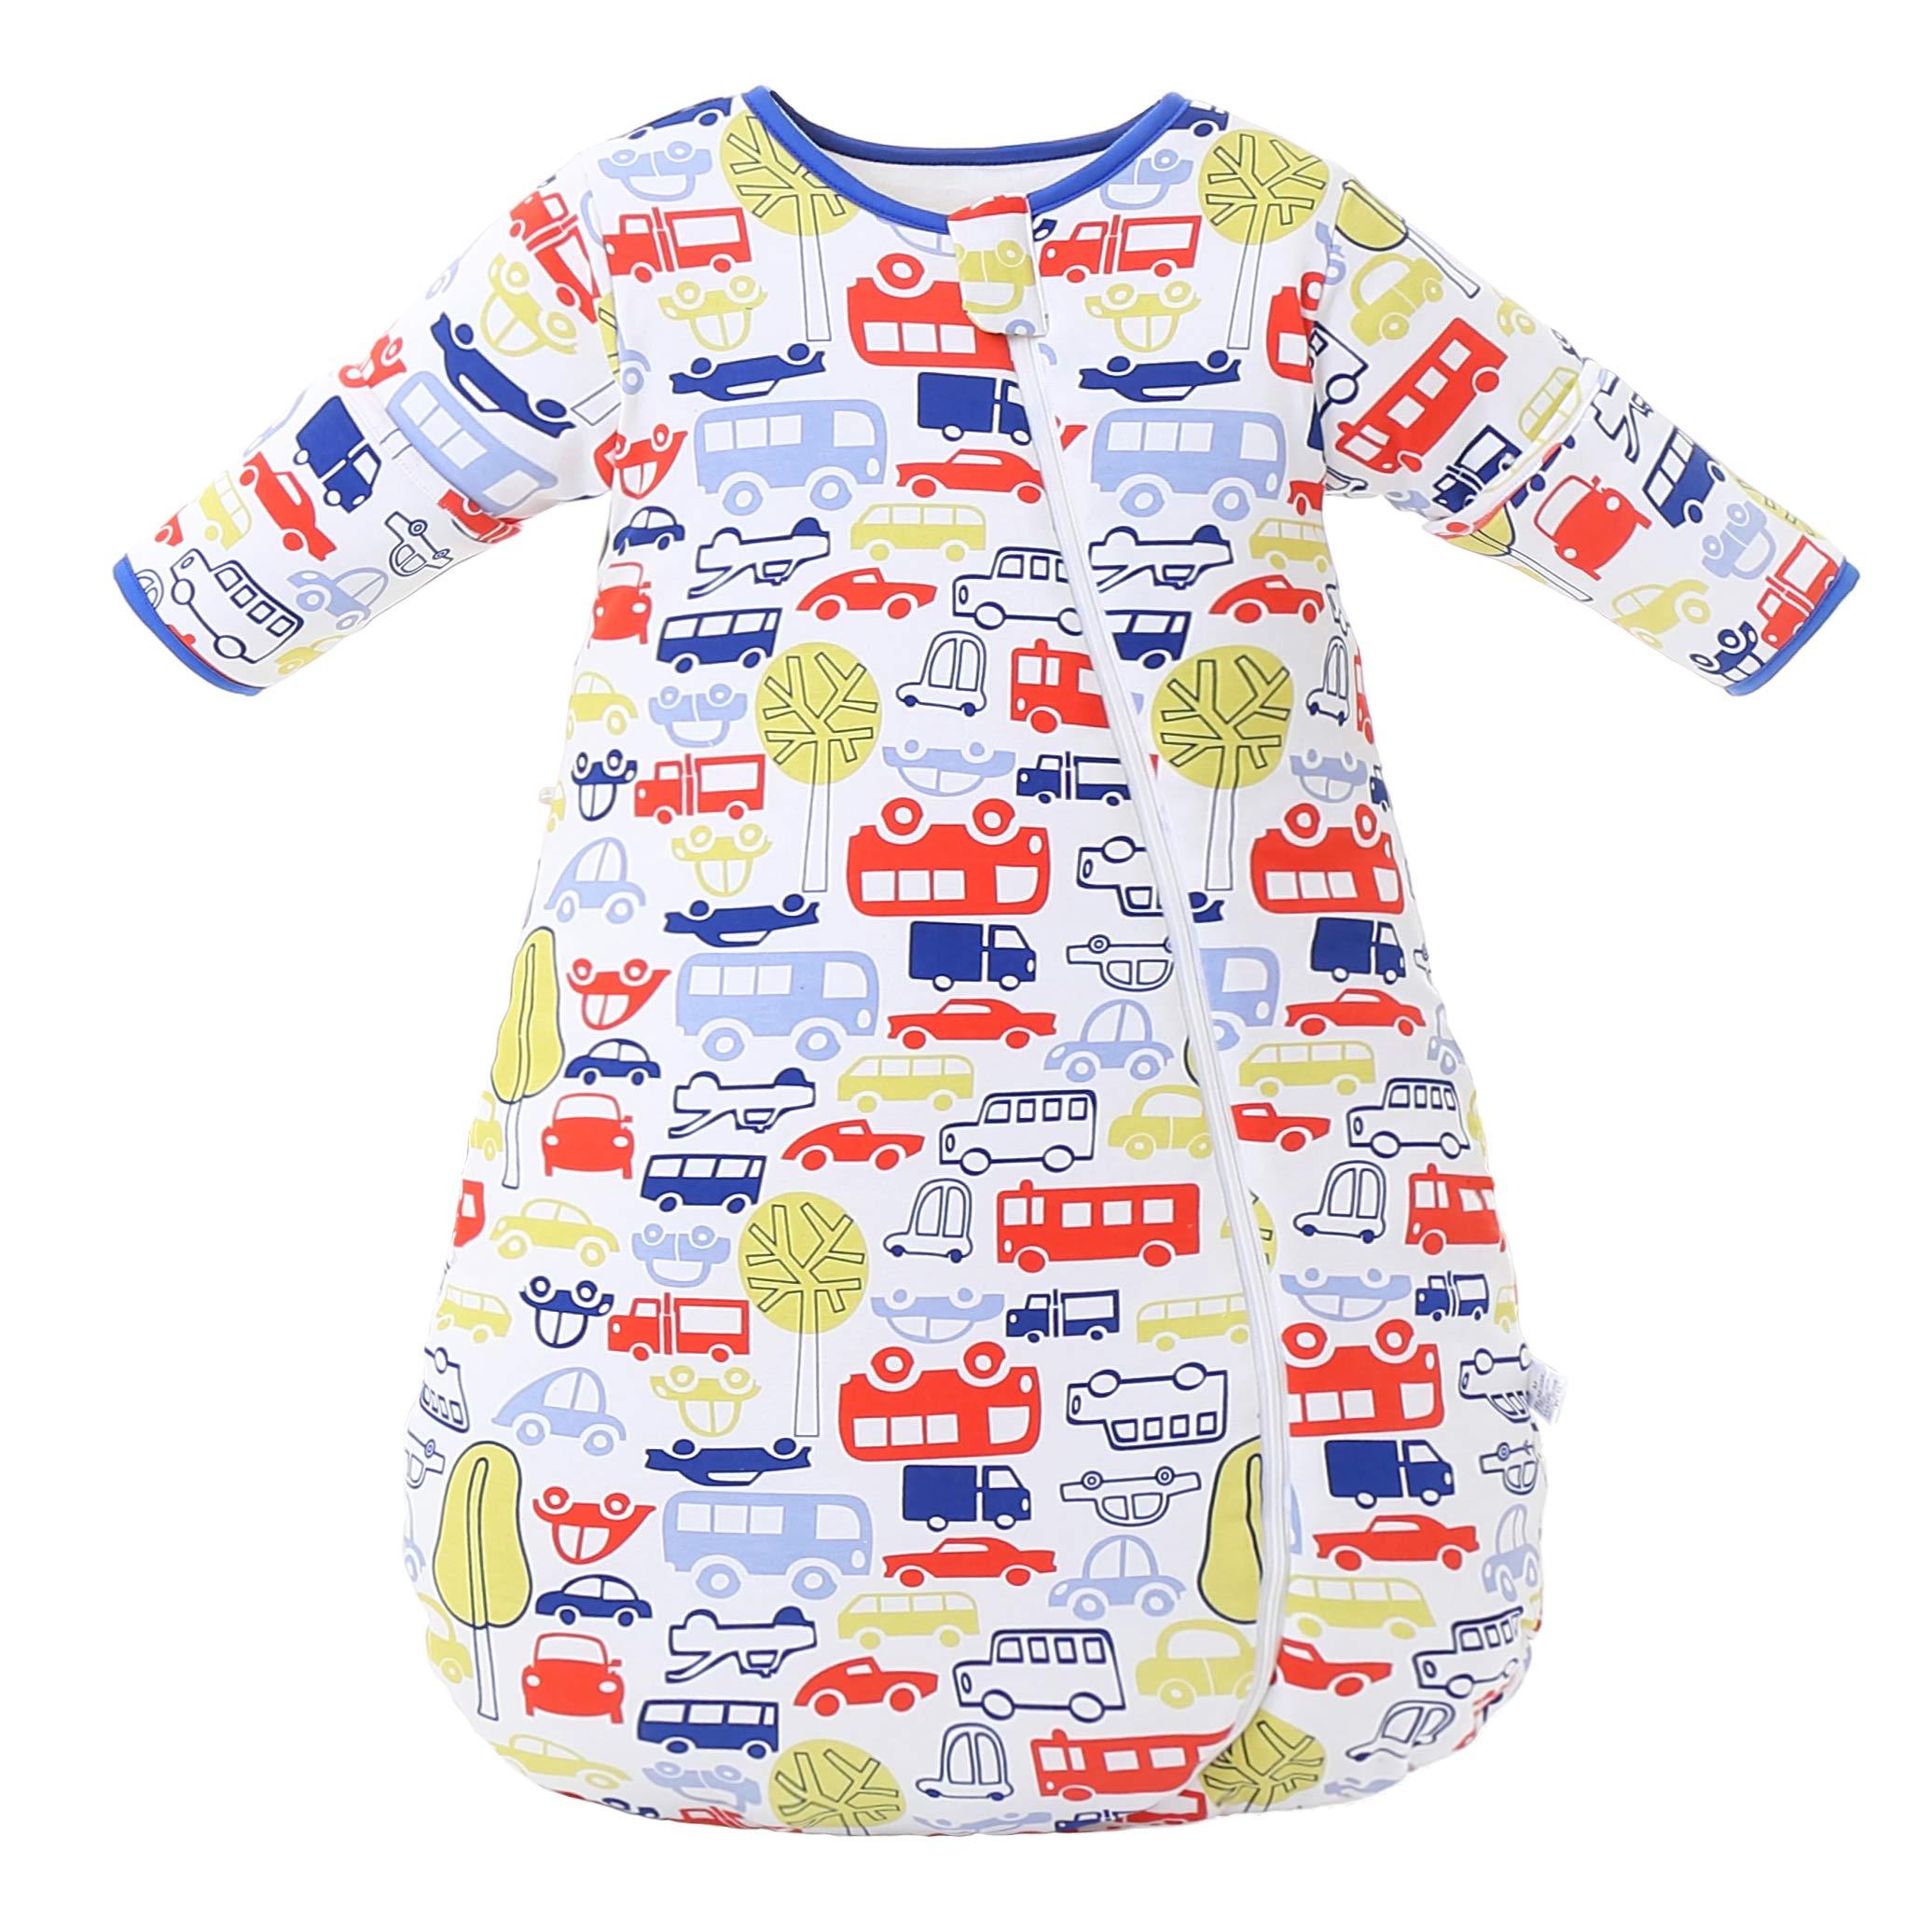 Saco de dormir de invierno para bebé Saco de dormir para niños2.5-3.5 Tog saco de dormir de algodón orgánico Varios tamaños desde el nacimiento hasta los 3 años (tamaño M: 6-18 meses, Azul)